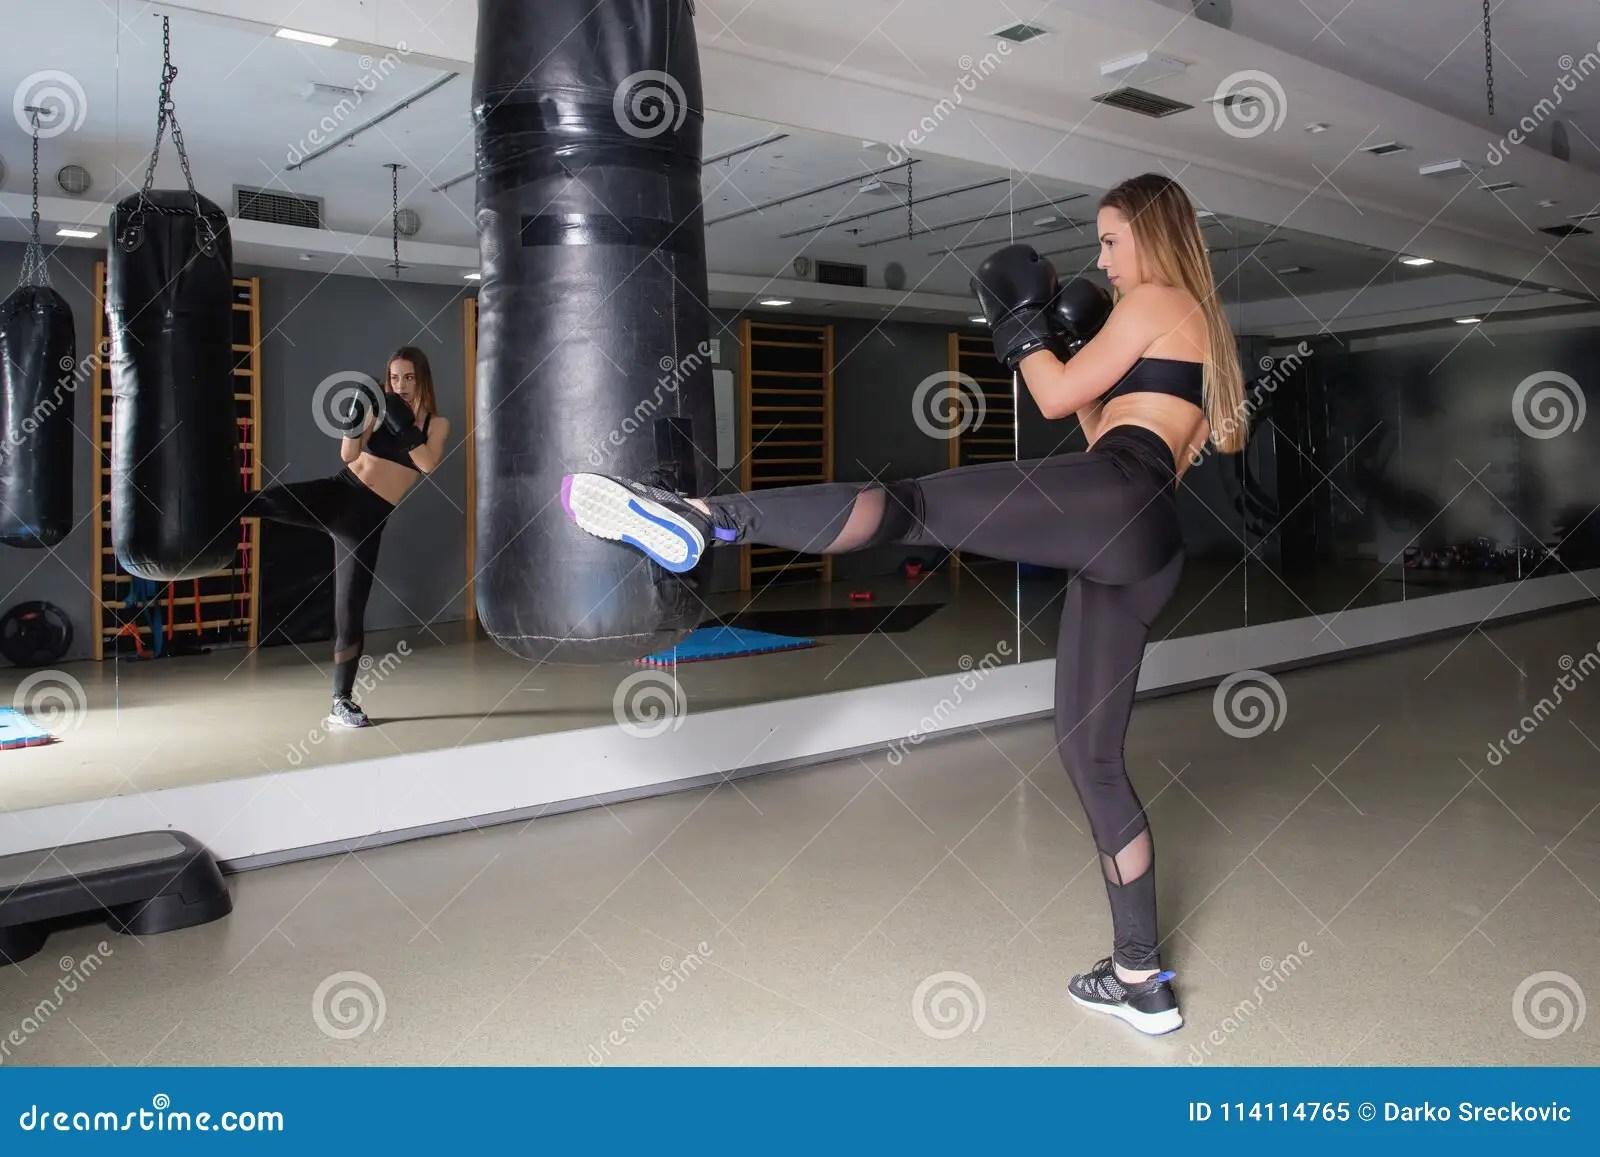 fitness girl kicking at